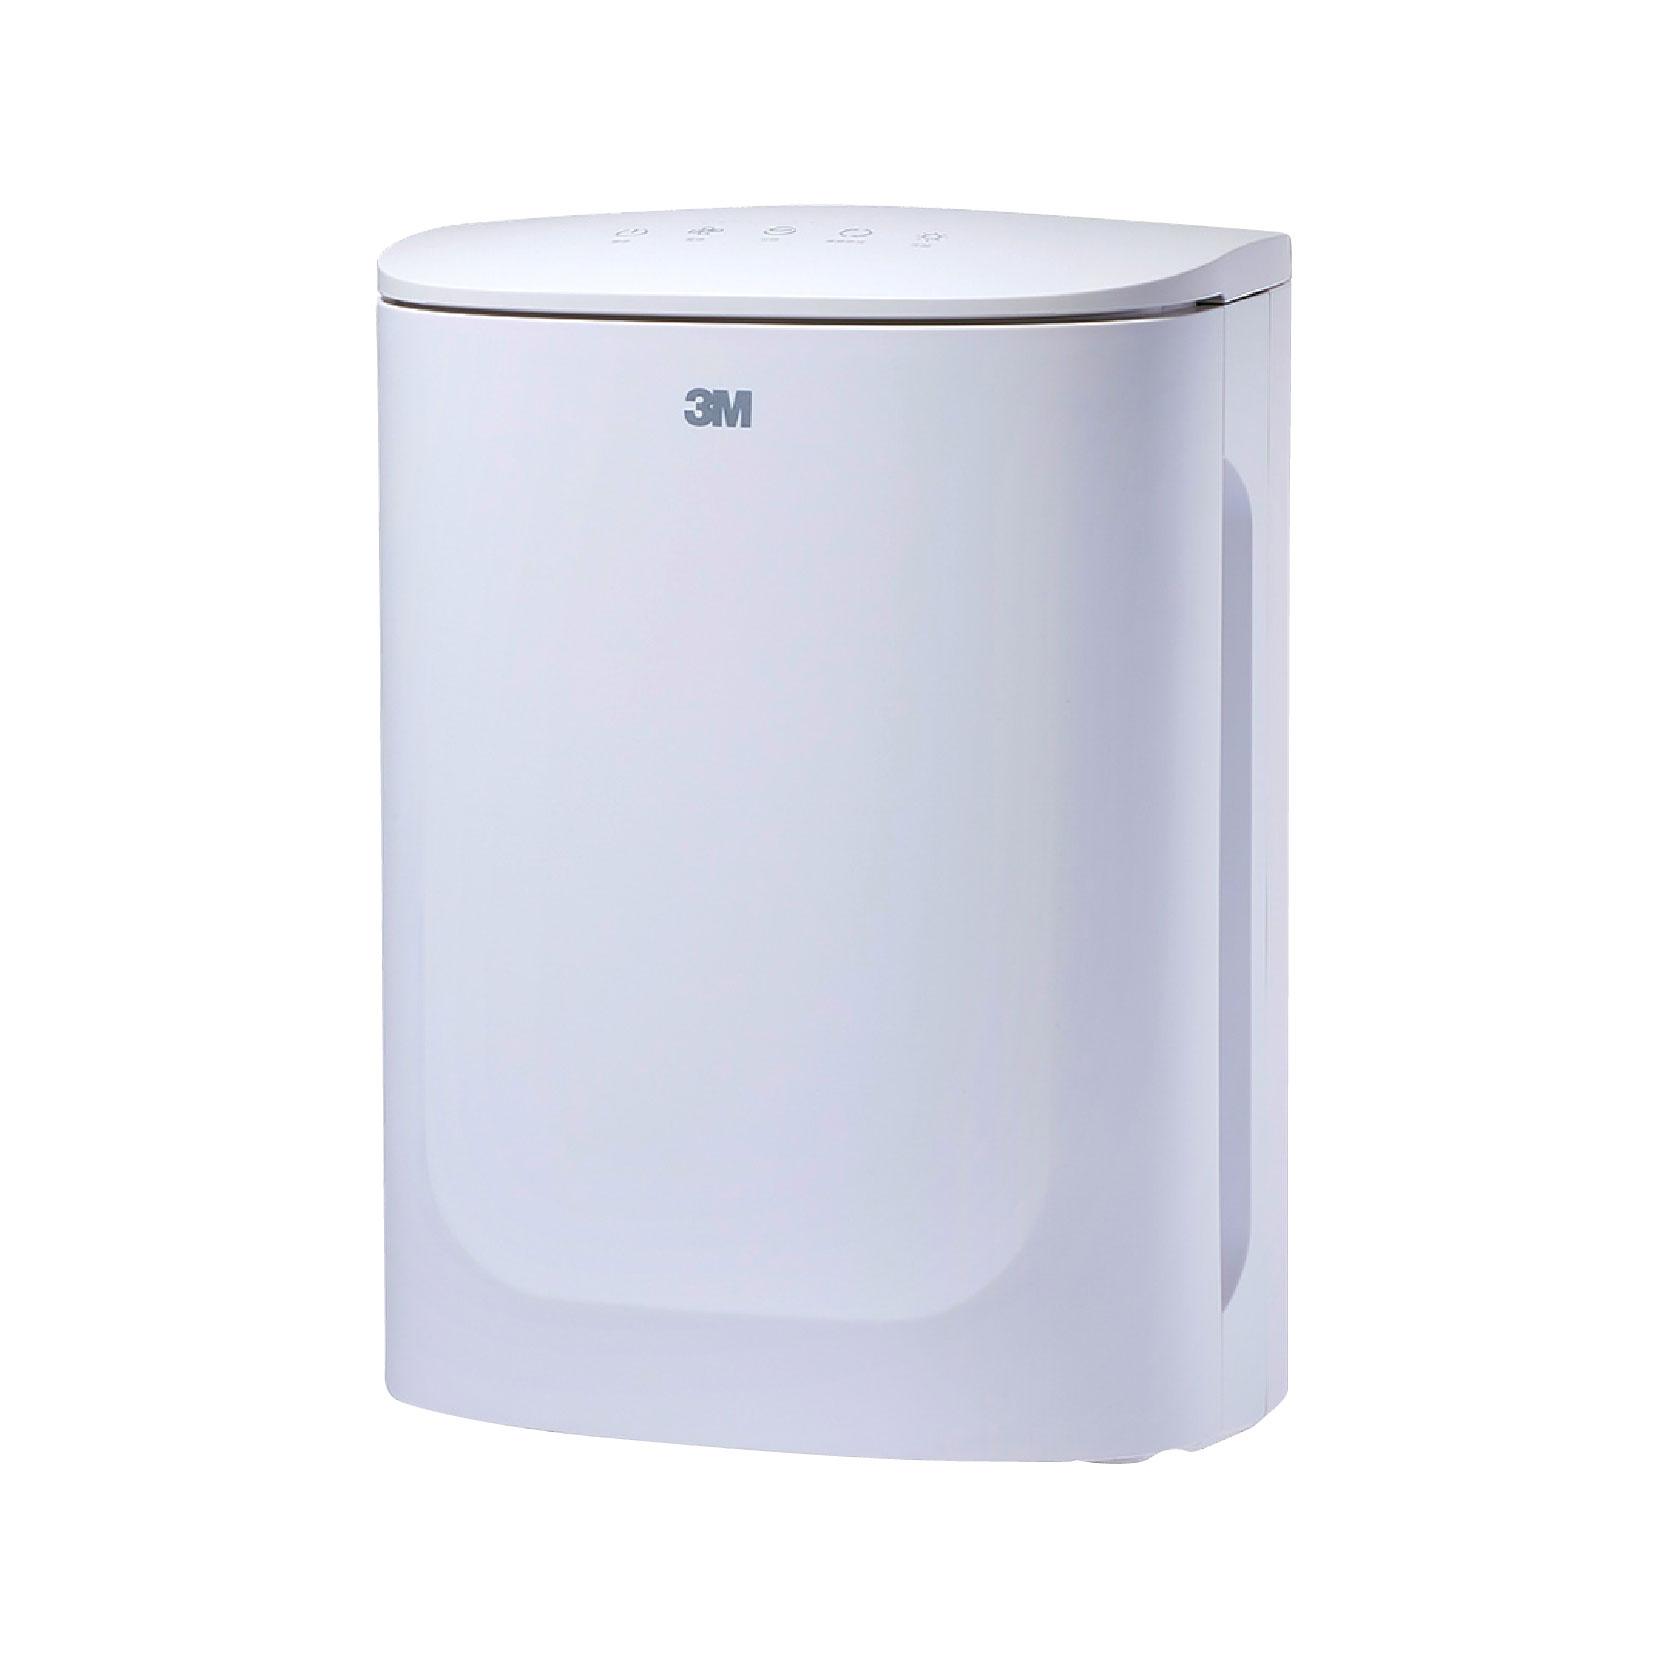 3M 淨呼吸空氣清淨機 FA-U90 除臭 除菌 吸附灰塵 空氣清淨機 強效過濾 除去過敏原 活性碳濾網 負離子清淨